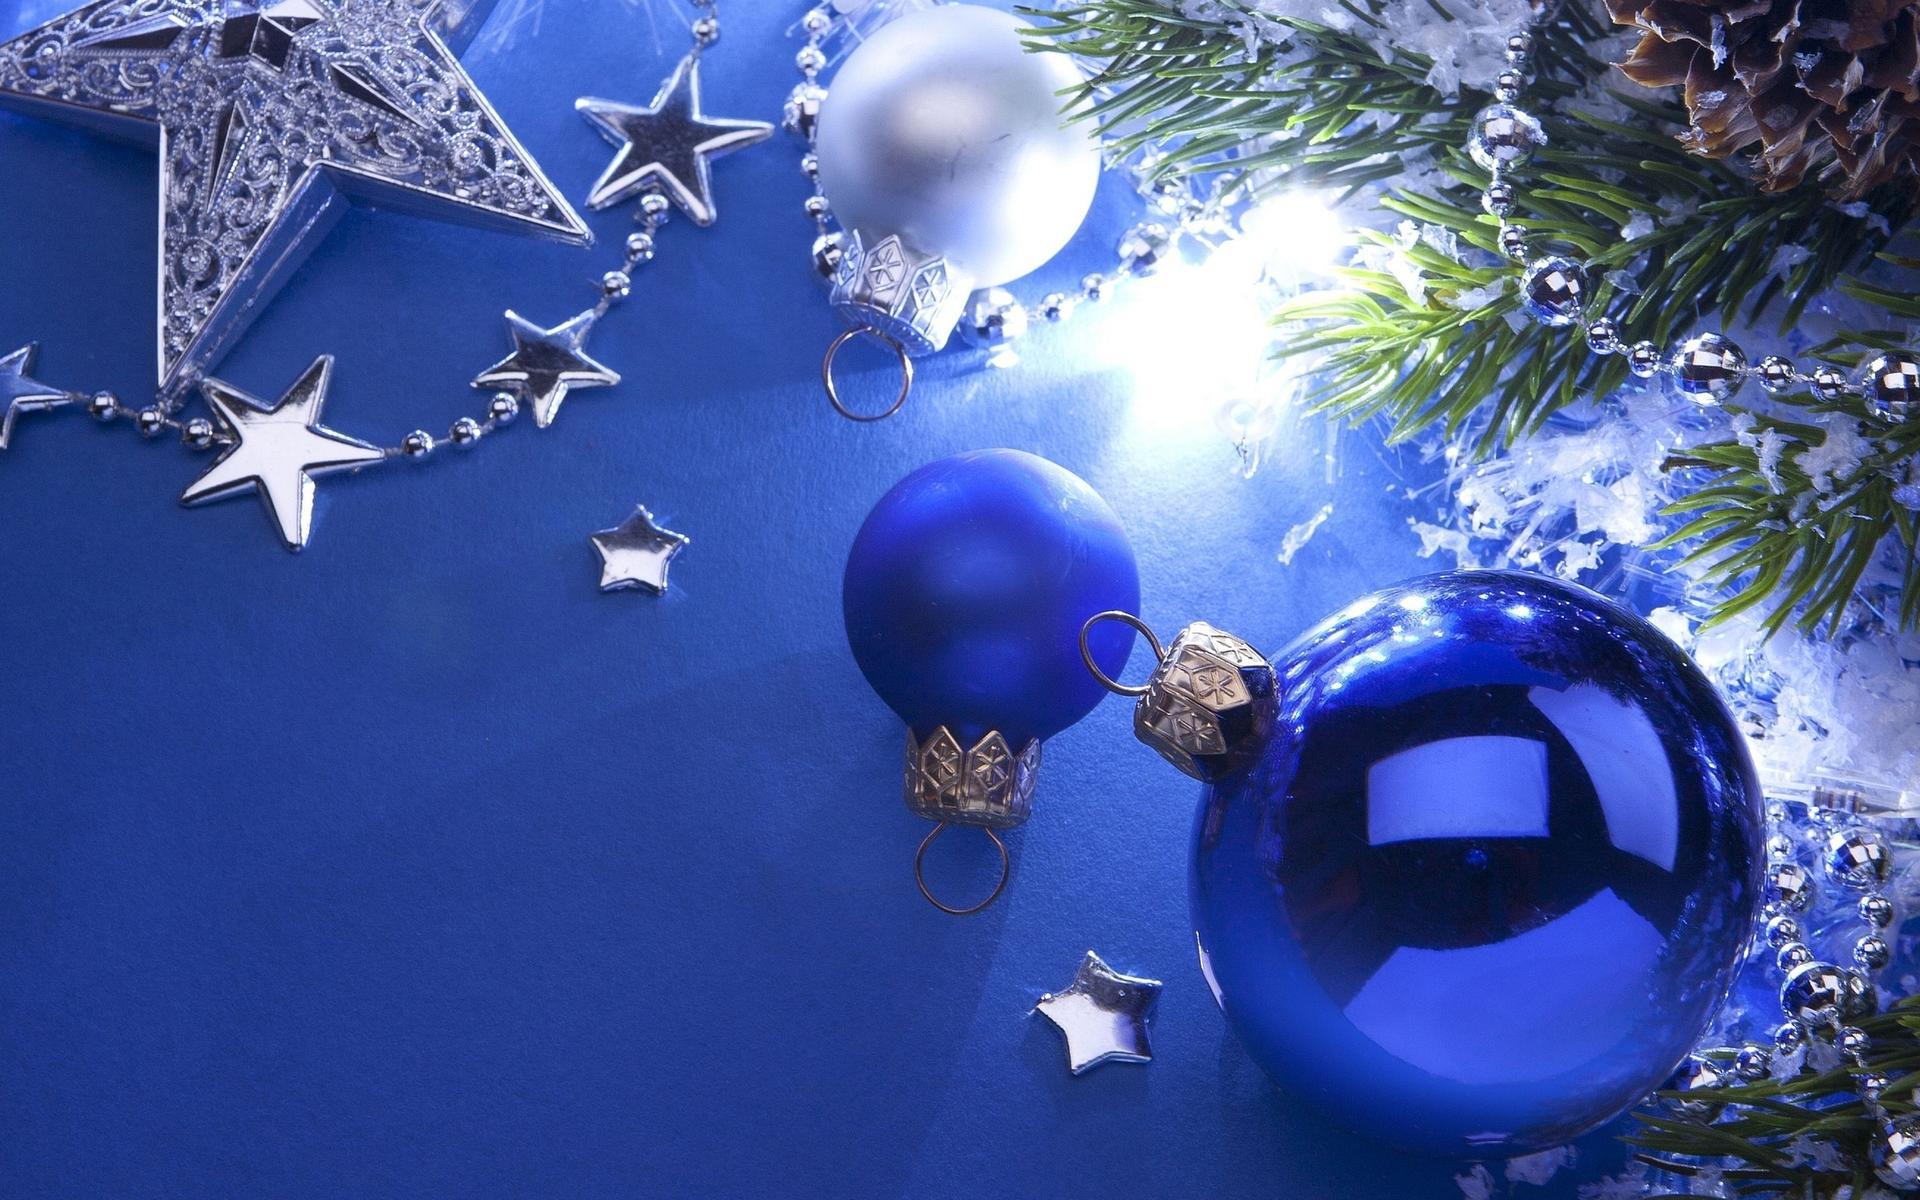 Открытки с новым годом на синем фоне